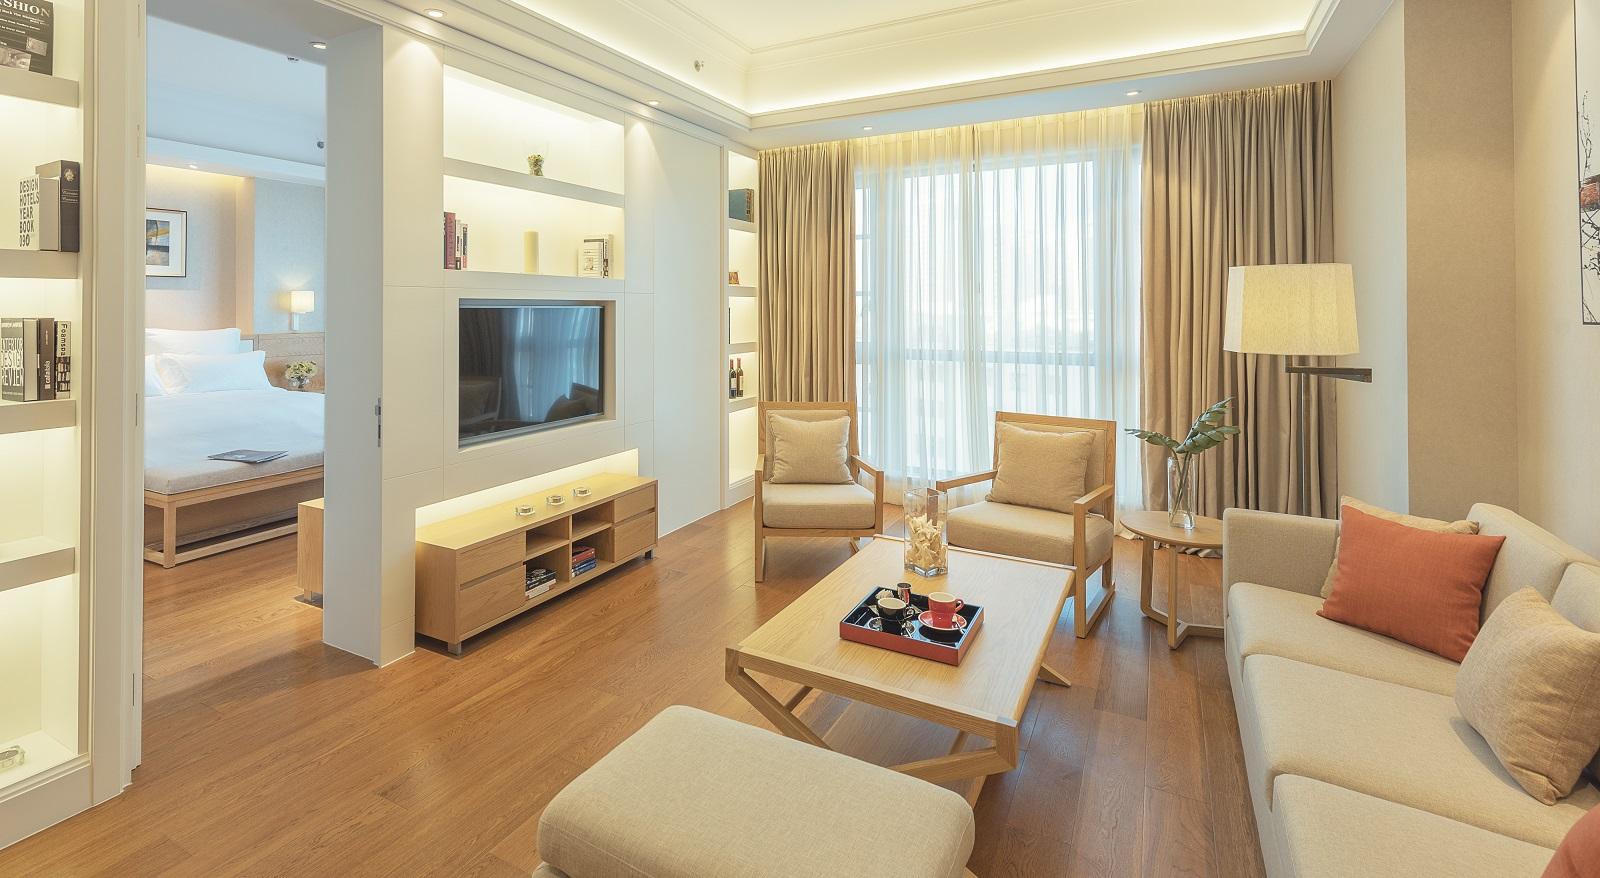 Residence G Shenzen